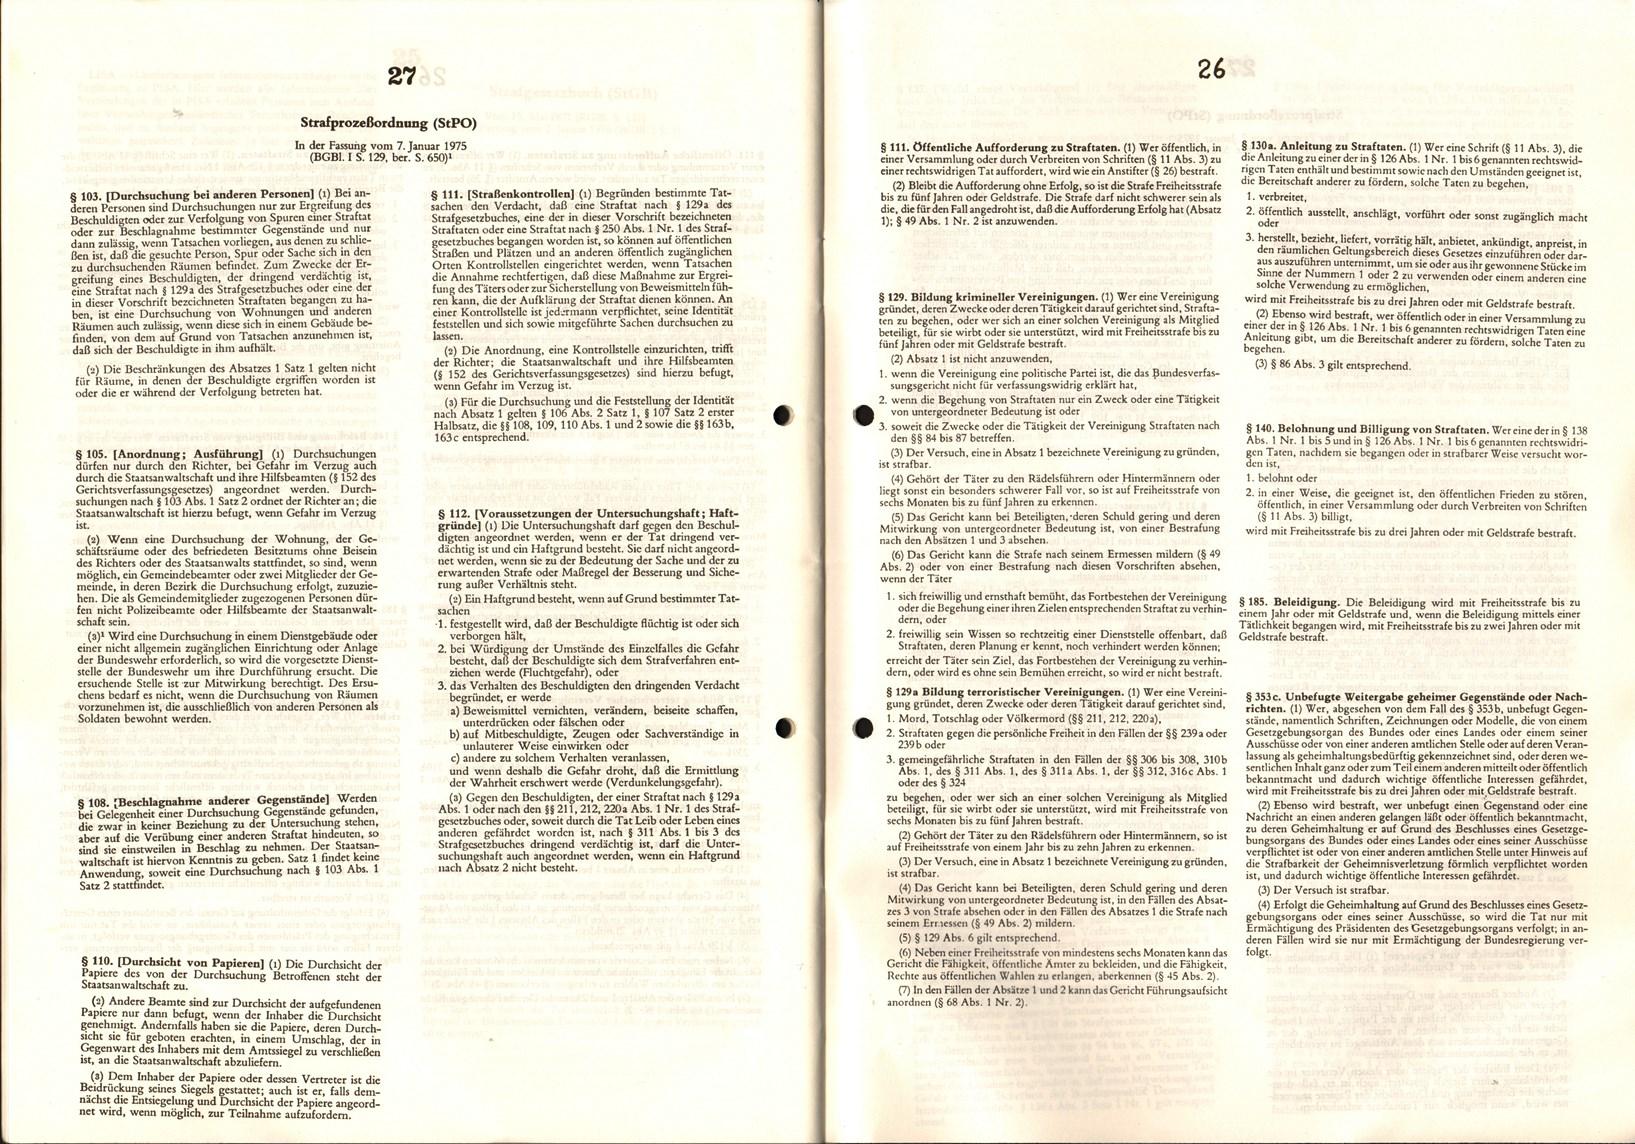 RT_Zur_zweiten_Sitzungsperiode_1979_18